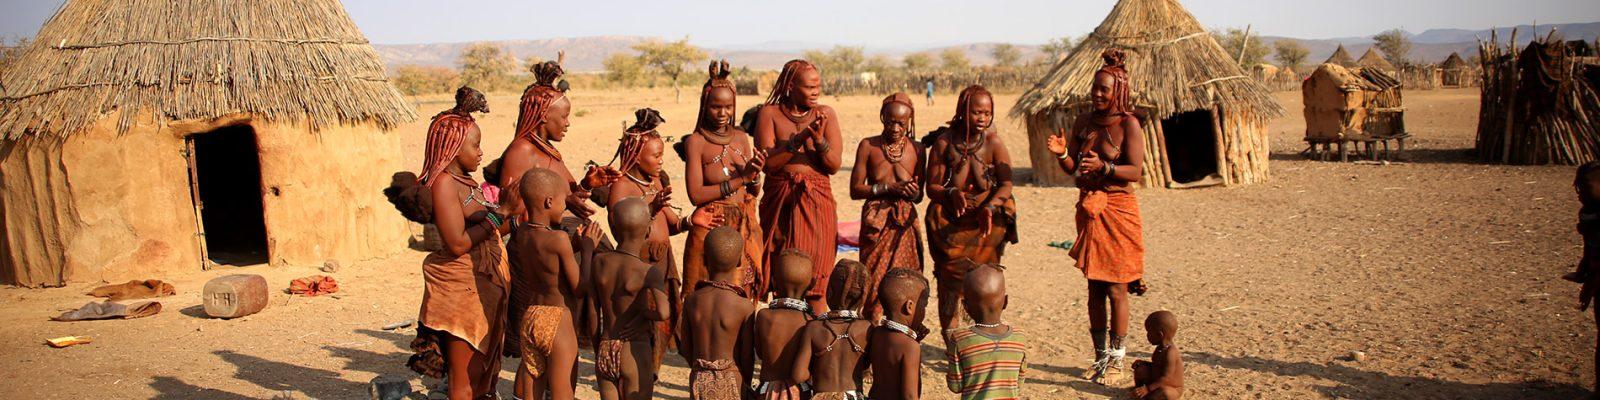 Himba_zmones